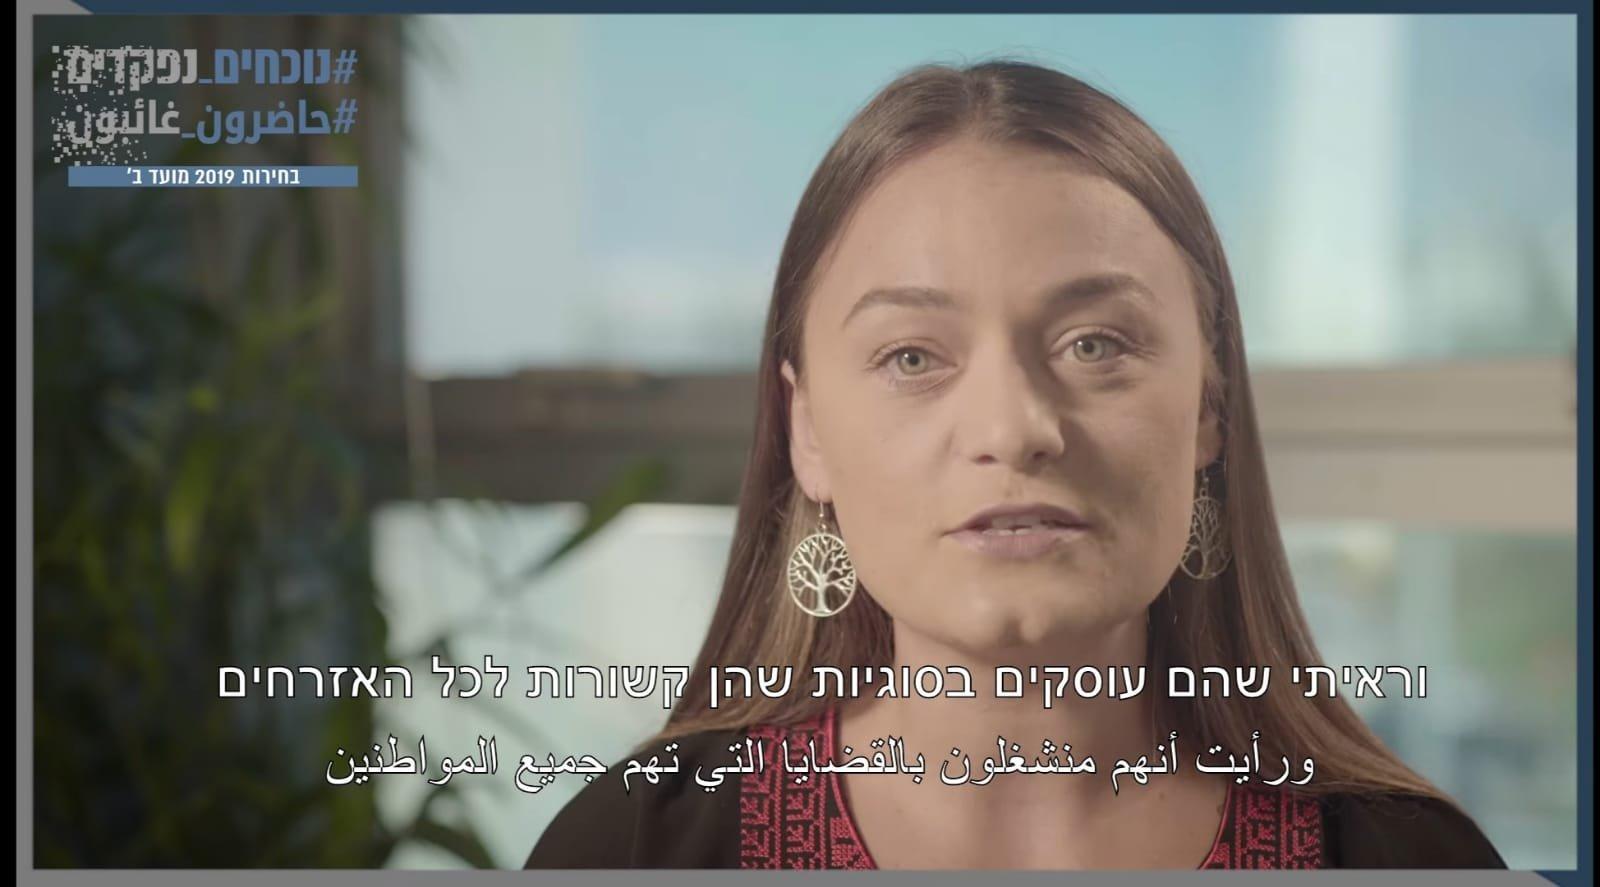 حاضرون _غائبون في الانتخابات.. سيكوي والعين السابعة بحملة لتعزيز الصوت العربي، في الإعلام العبري